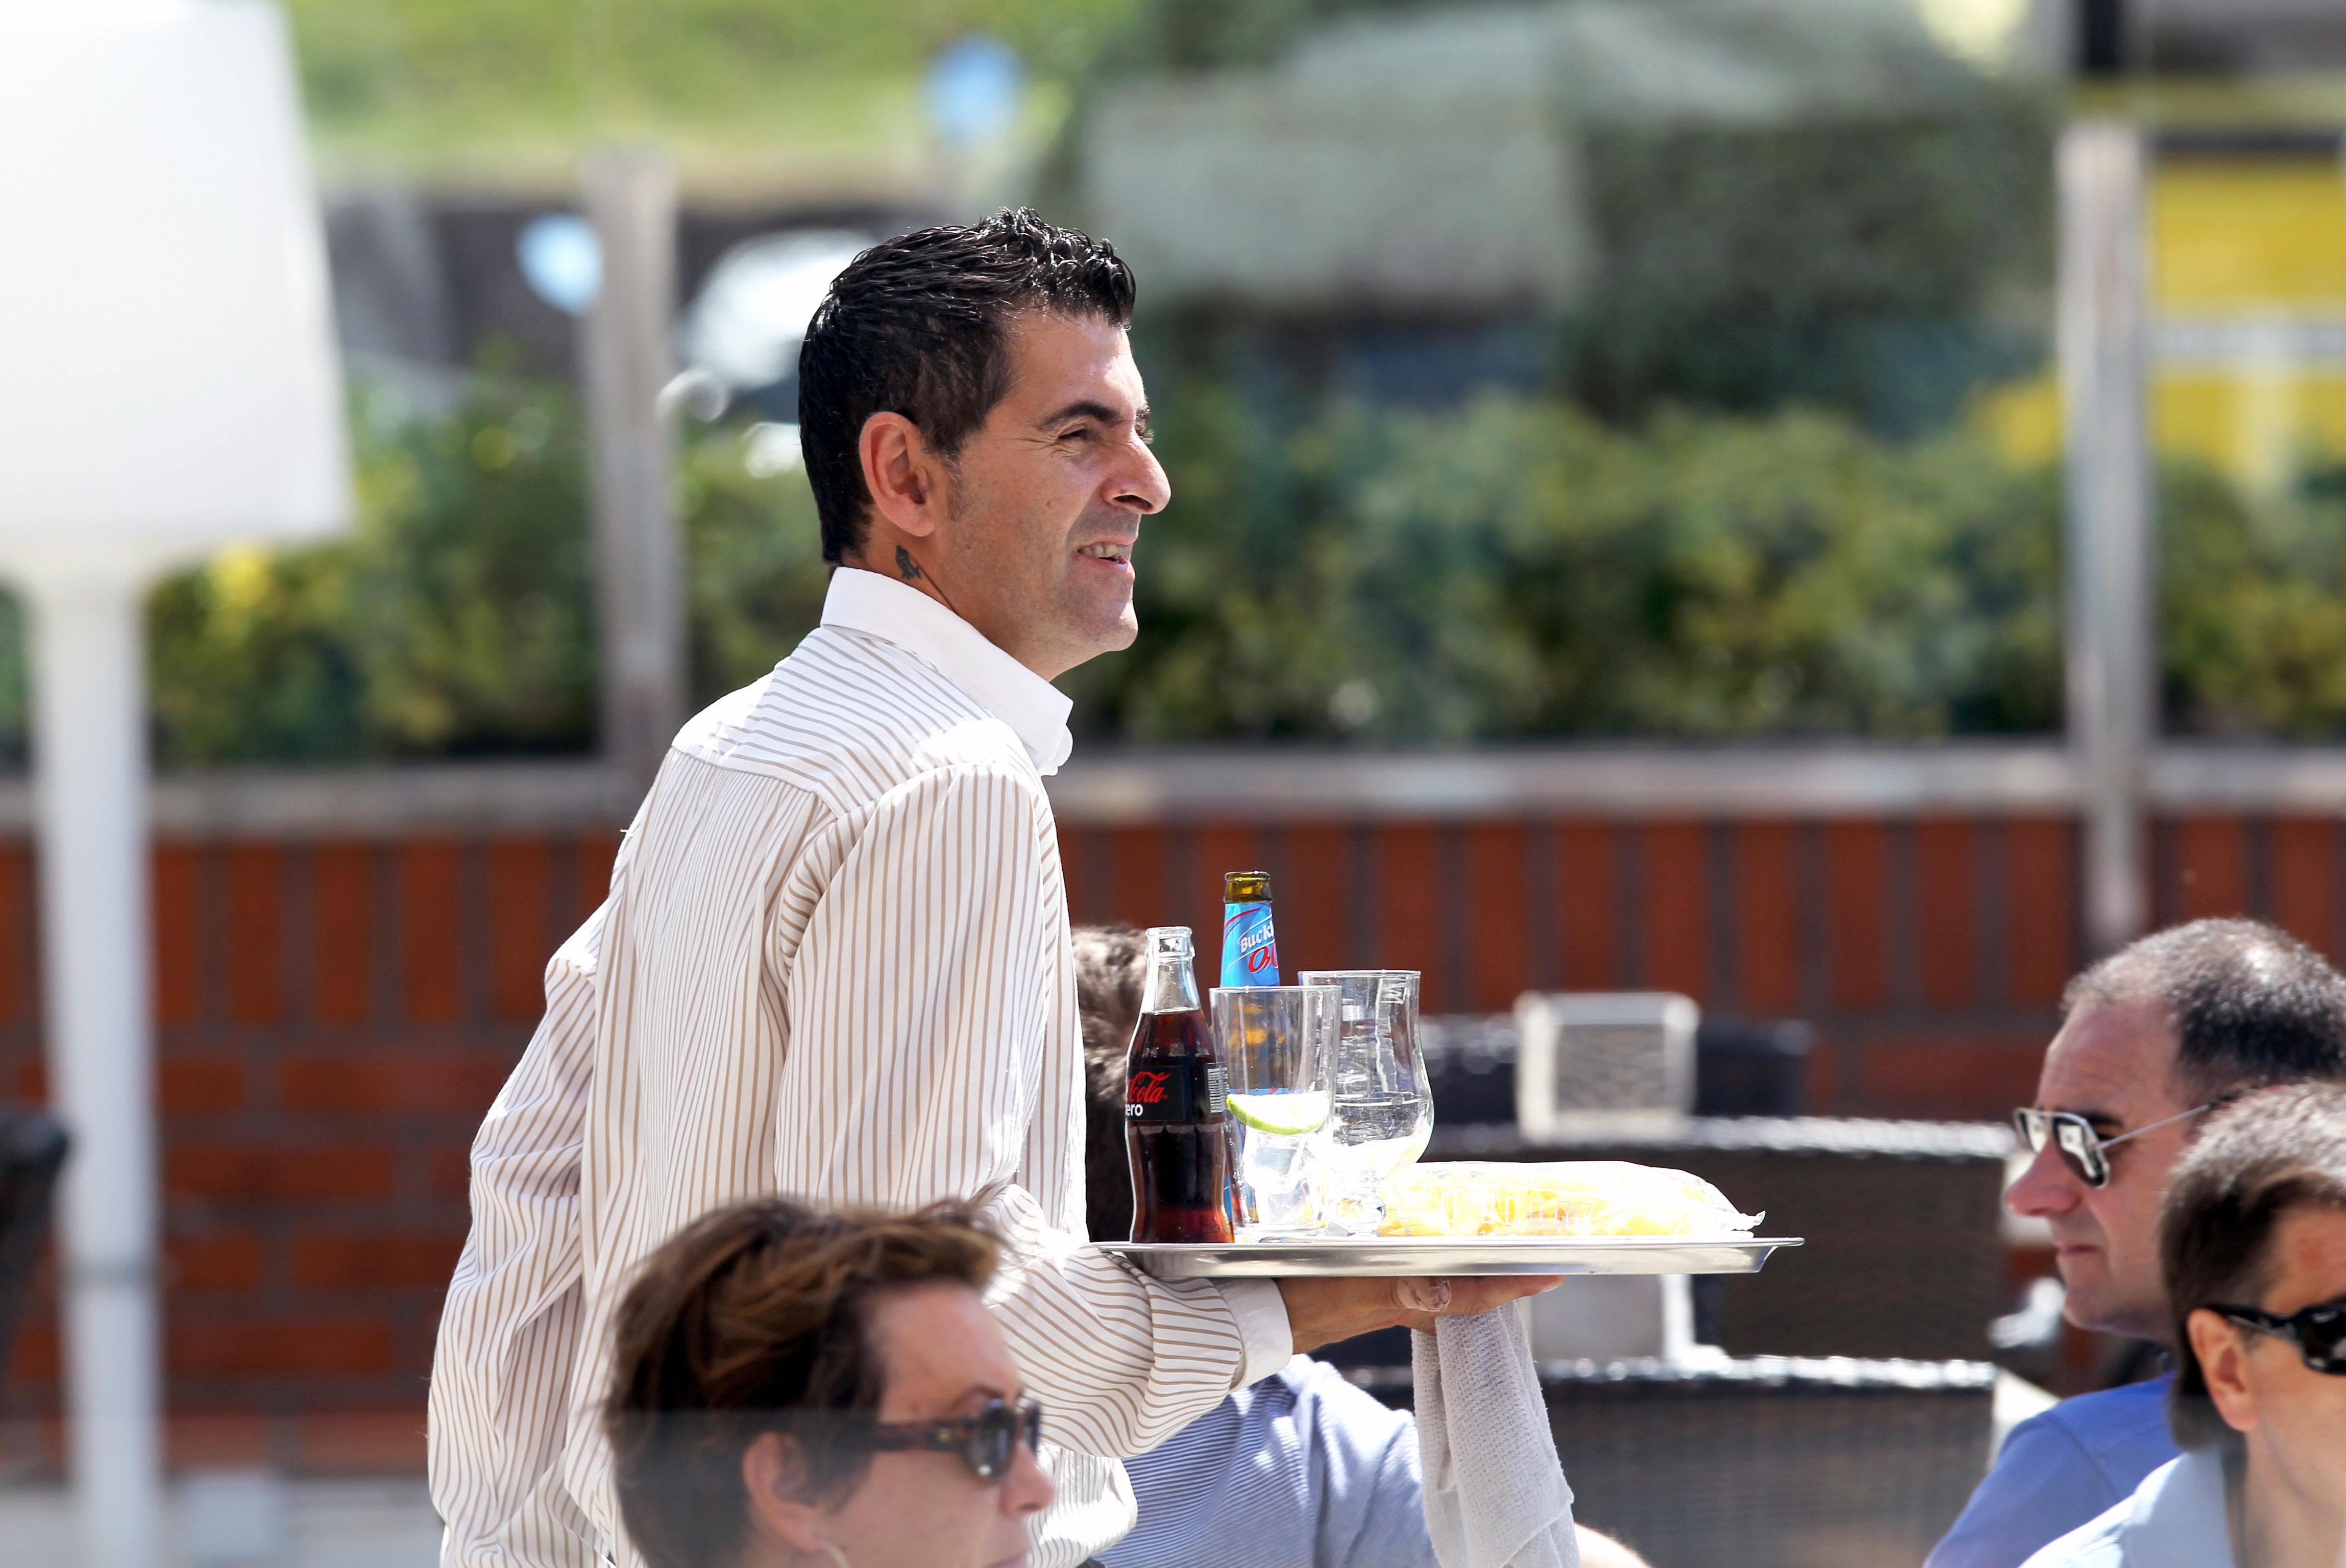 Más de 1,7 millones de españoles se ven obligados a trabajar a tiempo parcial